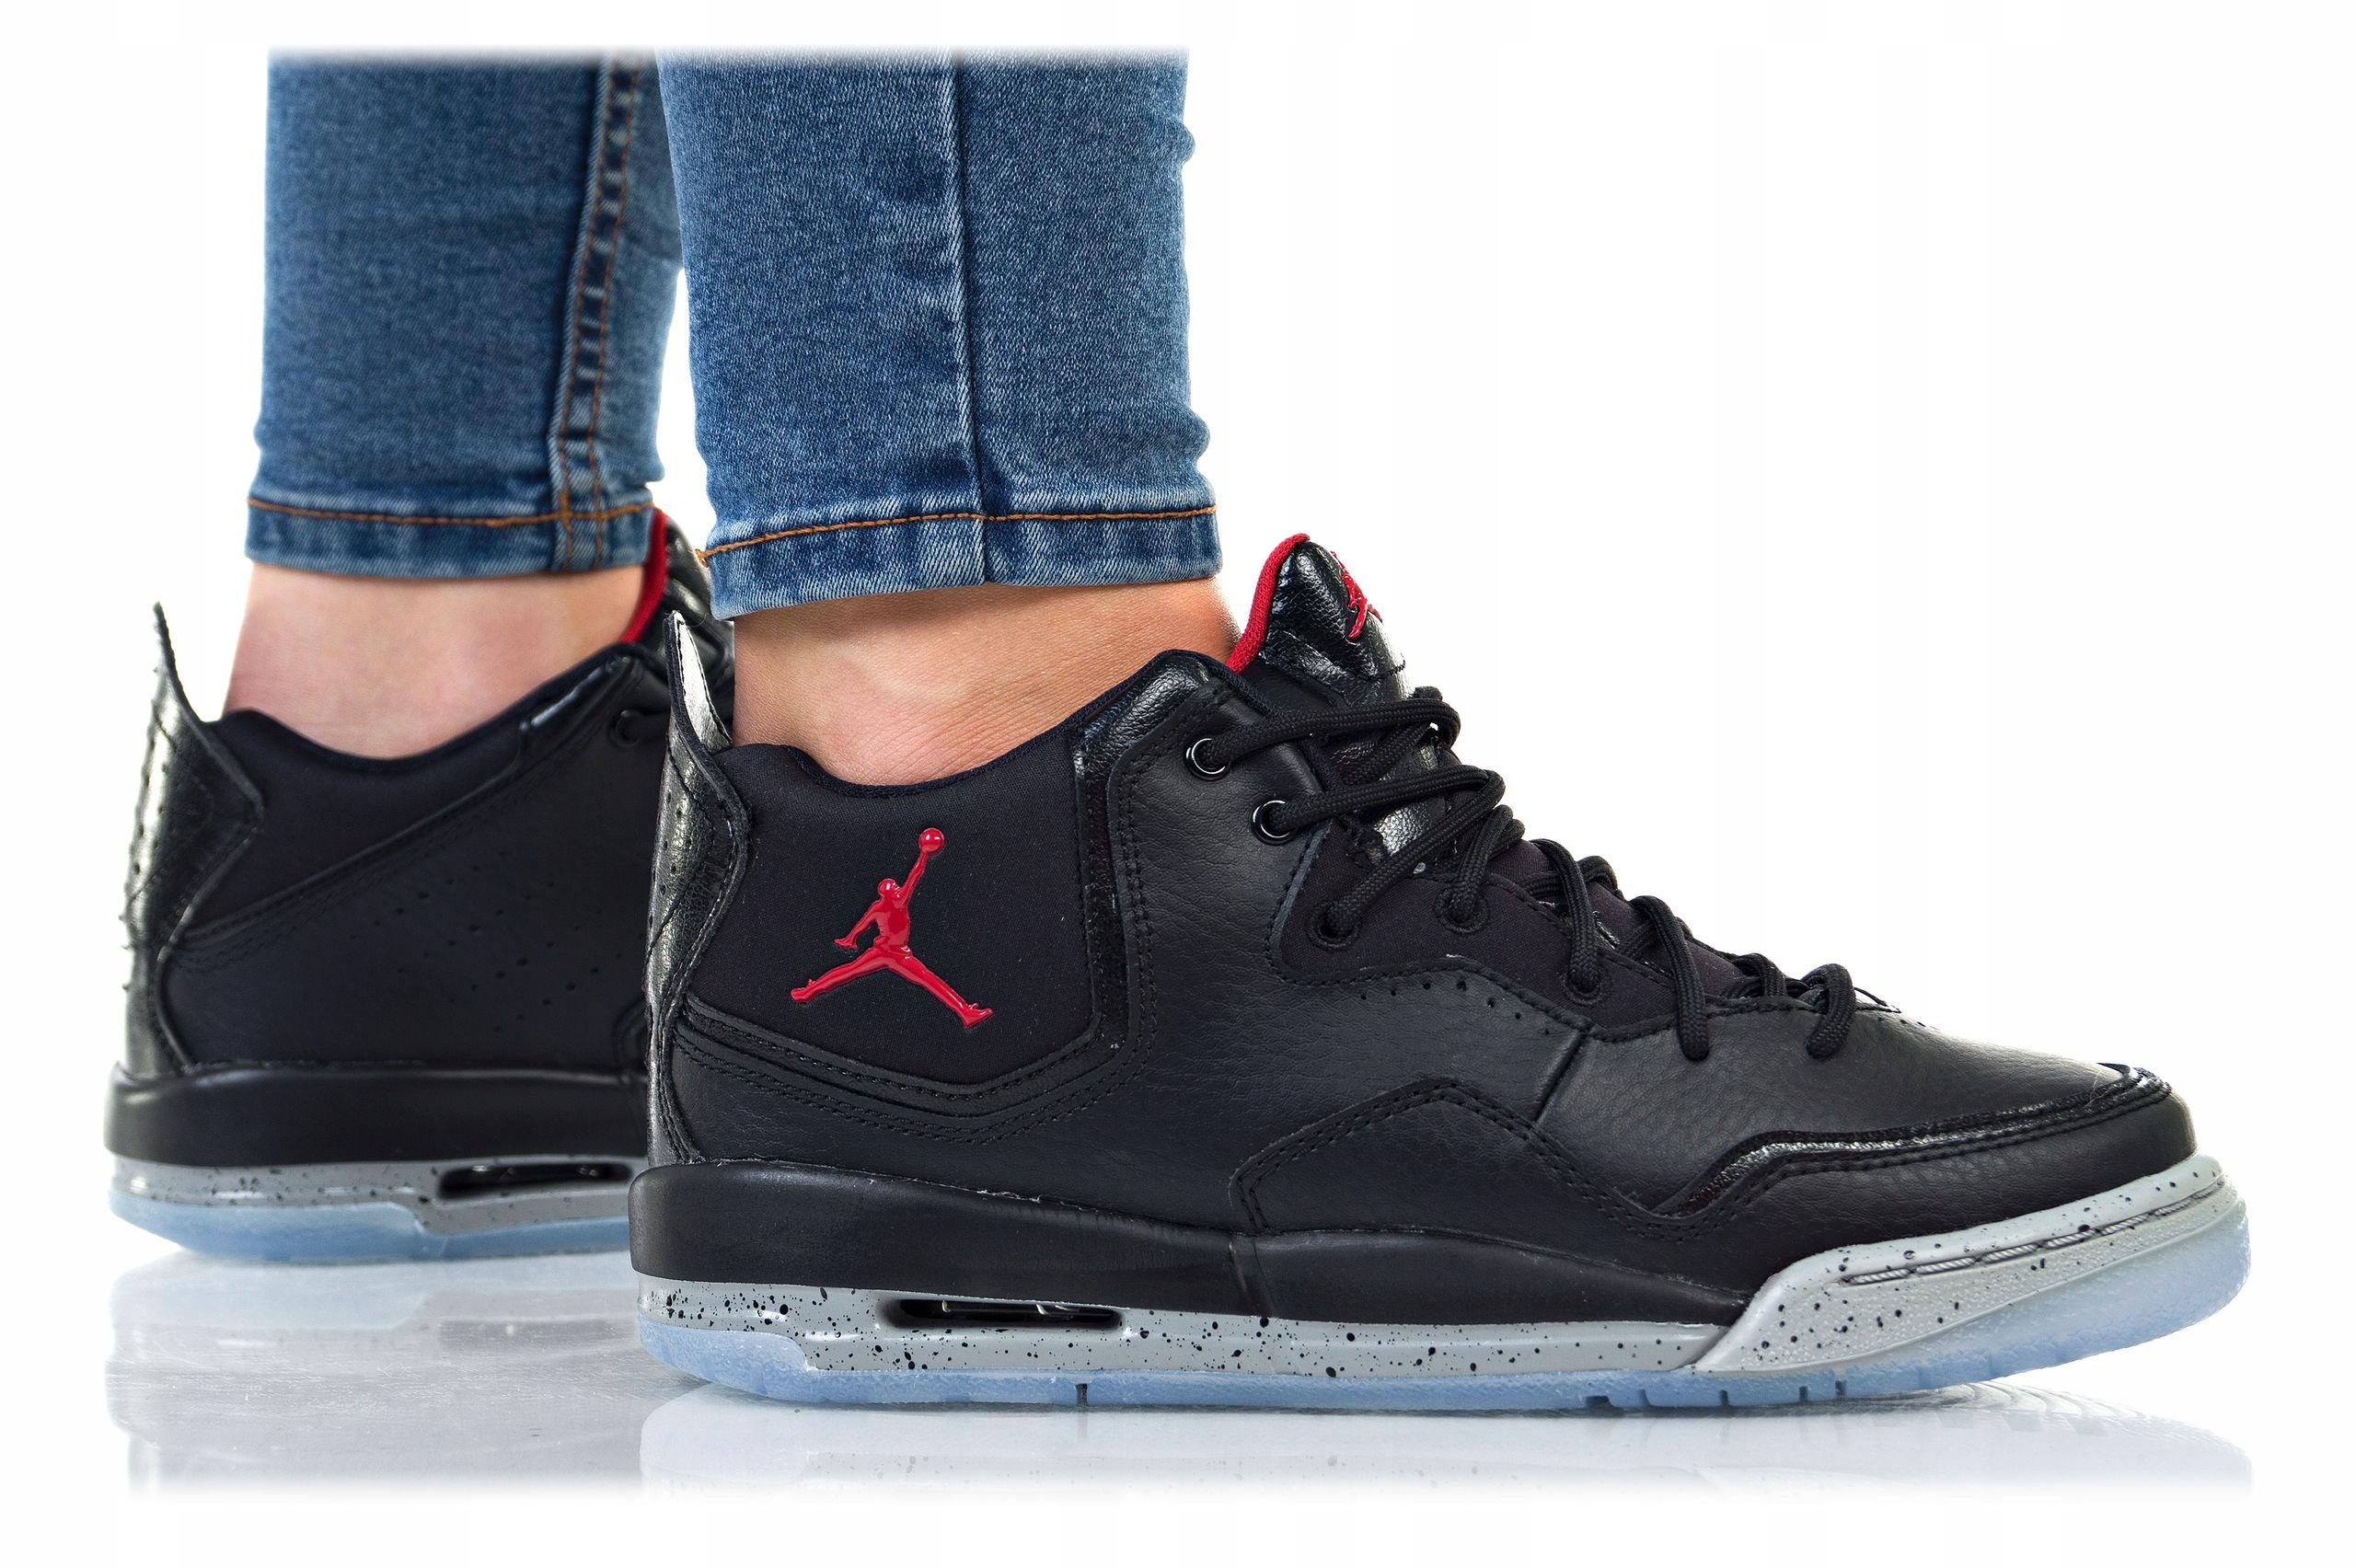 sports shoes 35271 f846d BUTY NIKE JORDAN COURTSIDE 23 GS AR1002-023 CZARNE 7578116676 - Allegro.pl